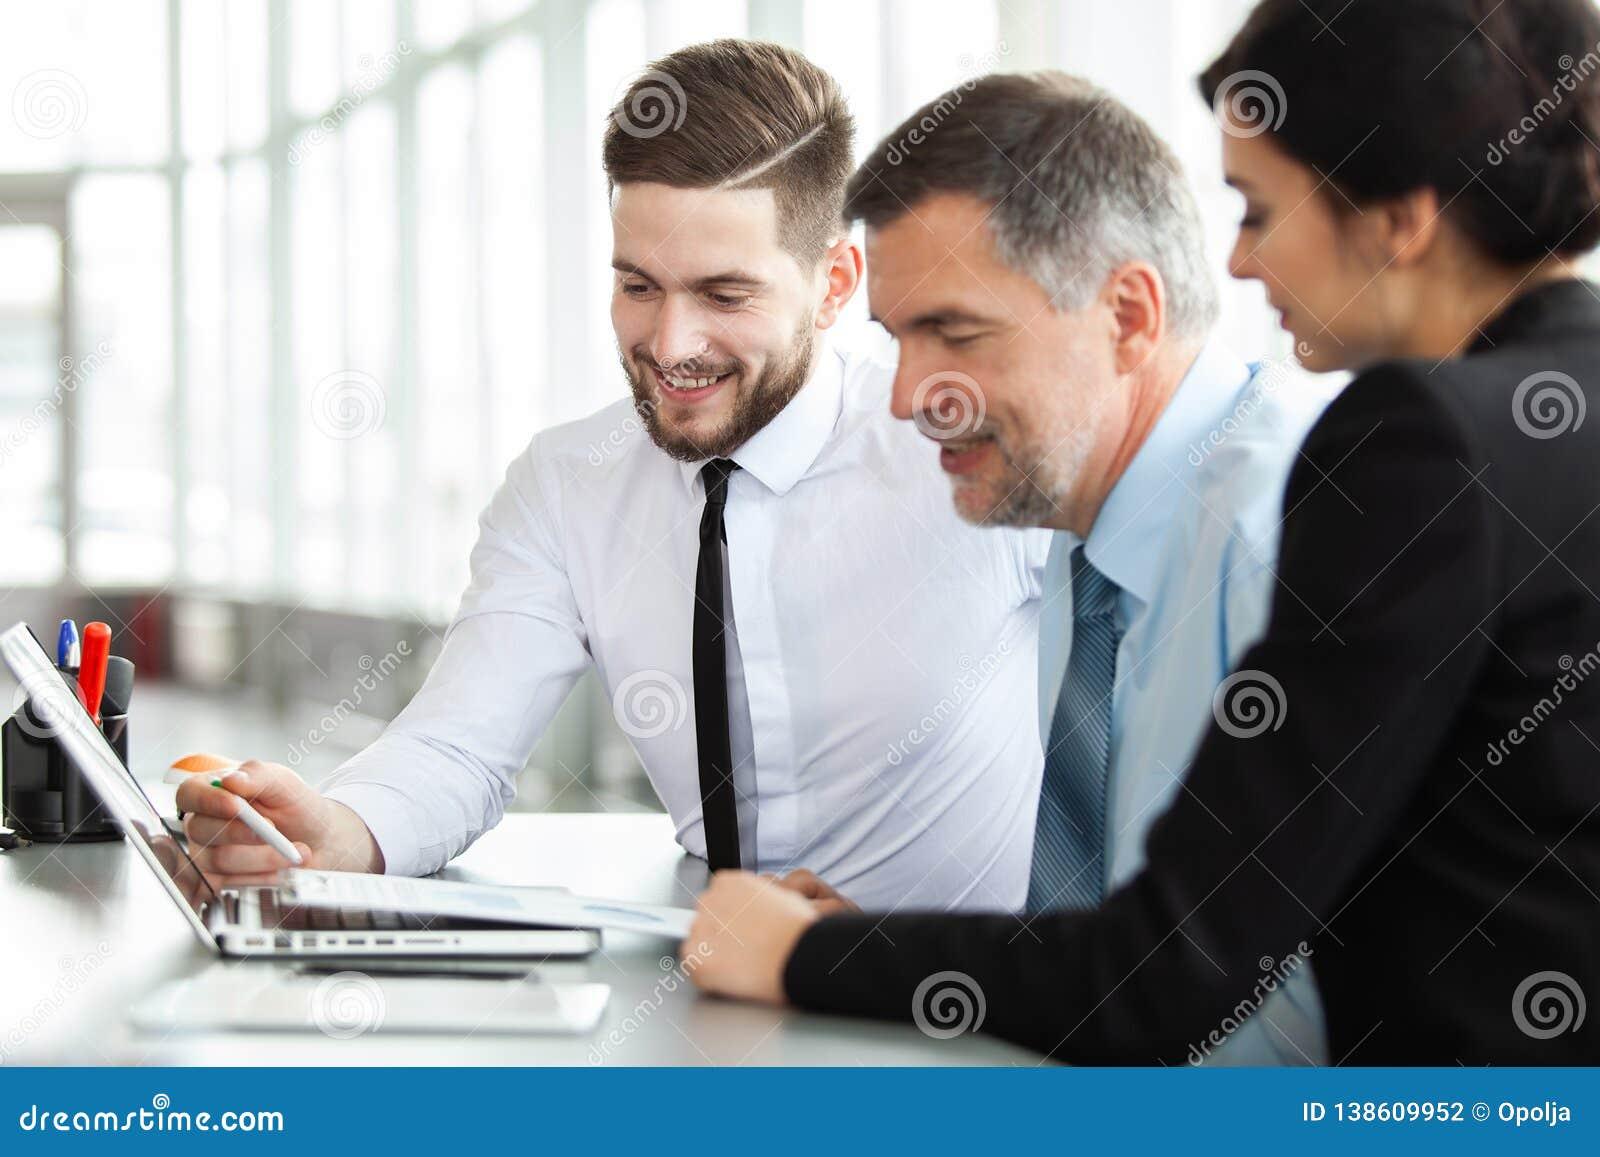 Fonctionner ensemble Affaires Team Discussion Meeting Corporate Concept